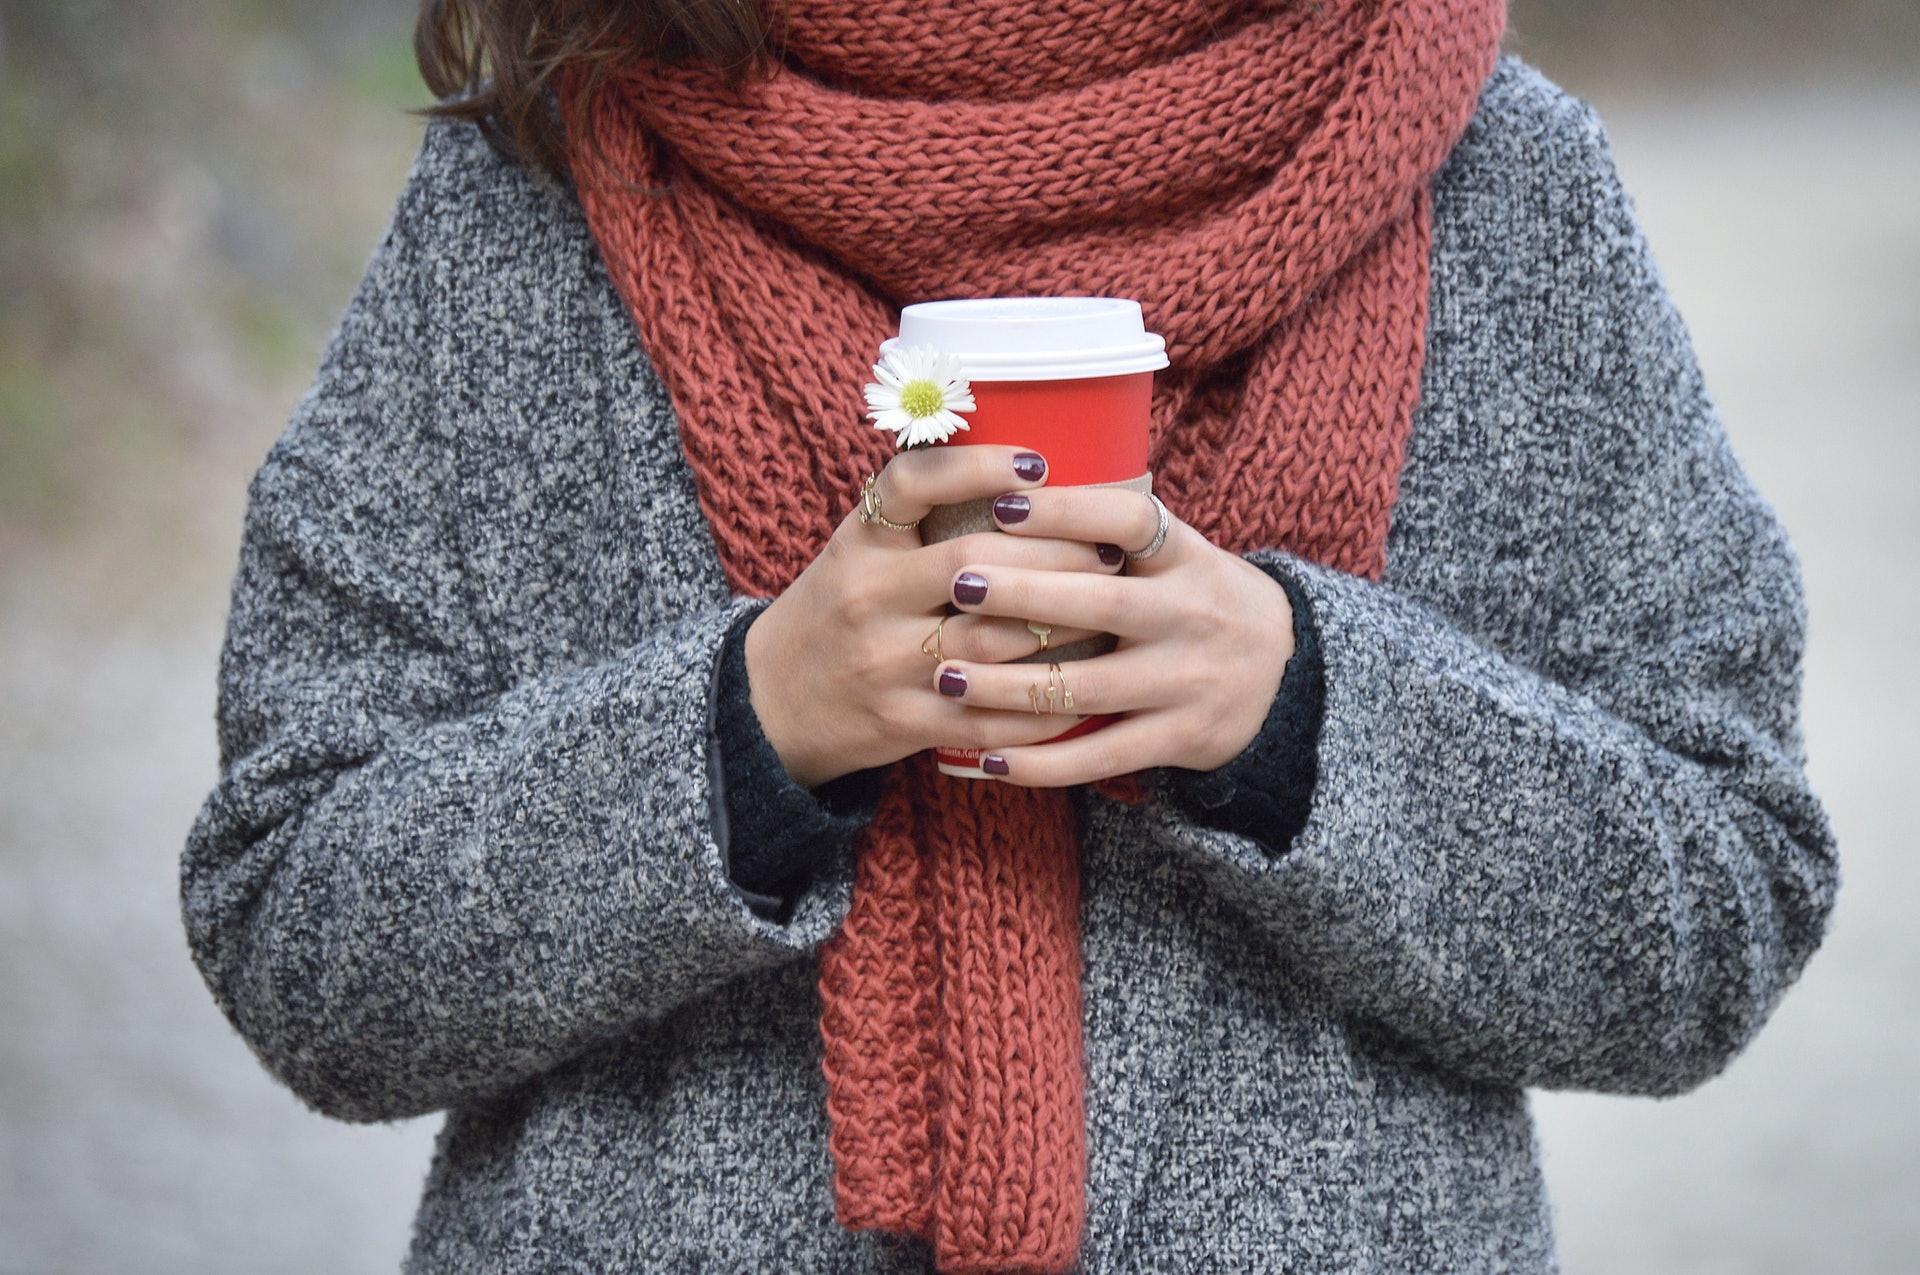 人體有六個部位比較容易受到寒邪侵襲,包括頭部、後頸、腹部、腰部、膝部及足底。(Unsplash)